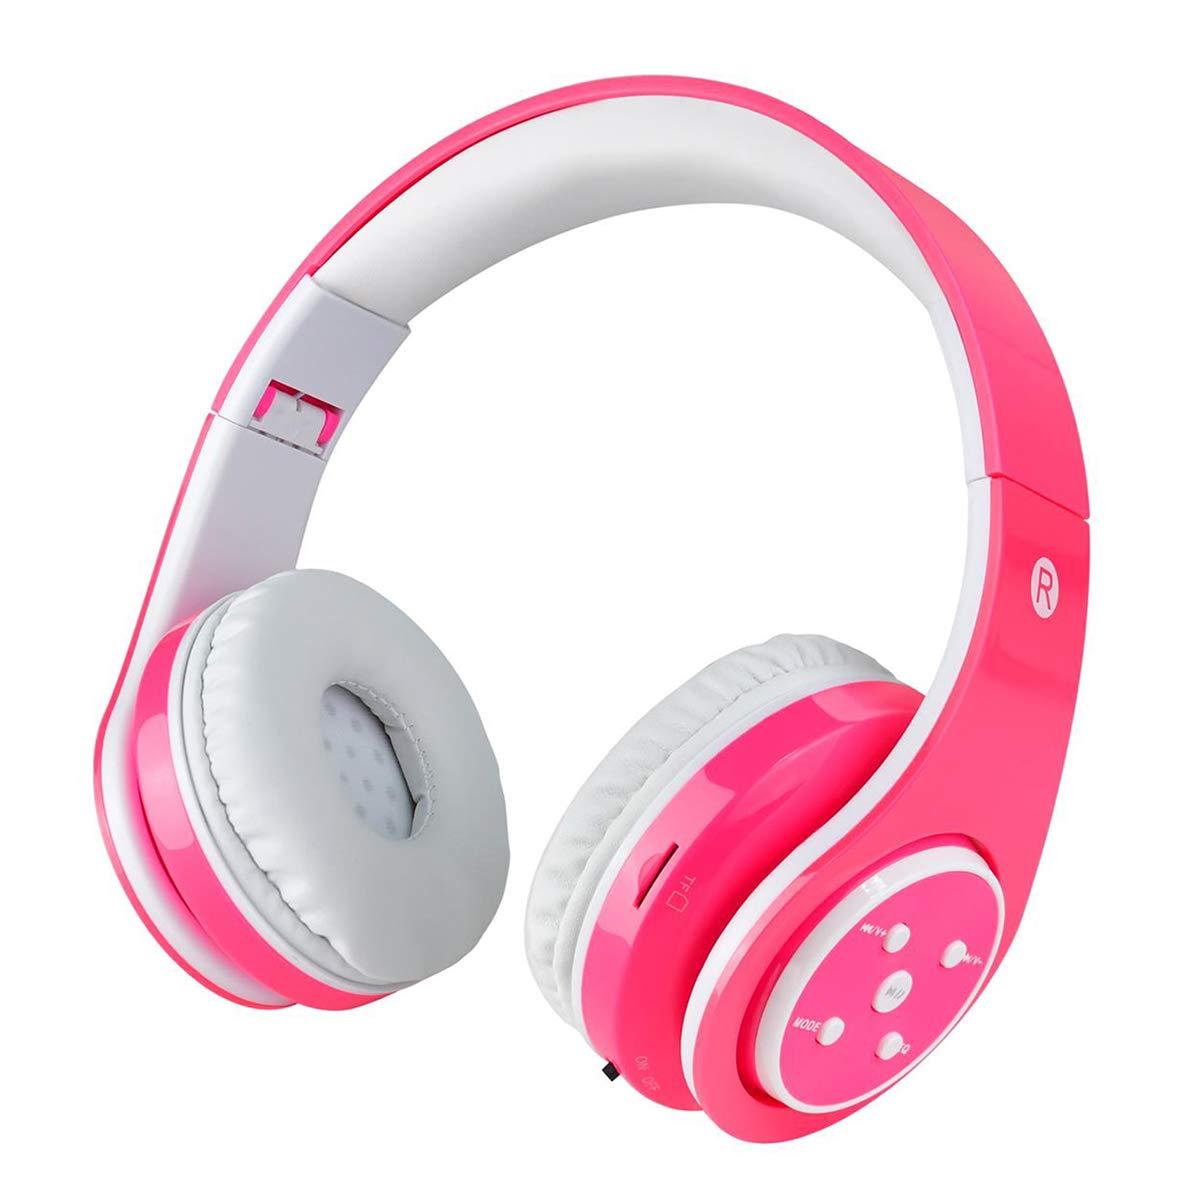 Auriculares inalámbricos Bluetooth para niños Volumen que limita el auricular plegable seguro con el micrófono Aux en tarjeta SD para Smartphone PC Tableta ...